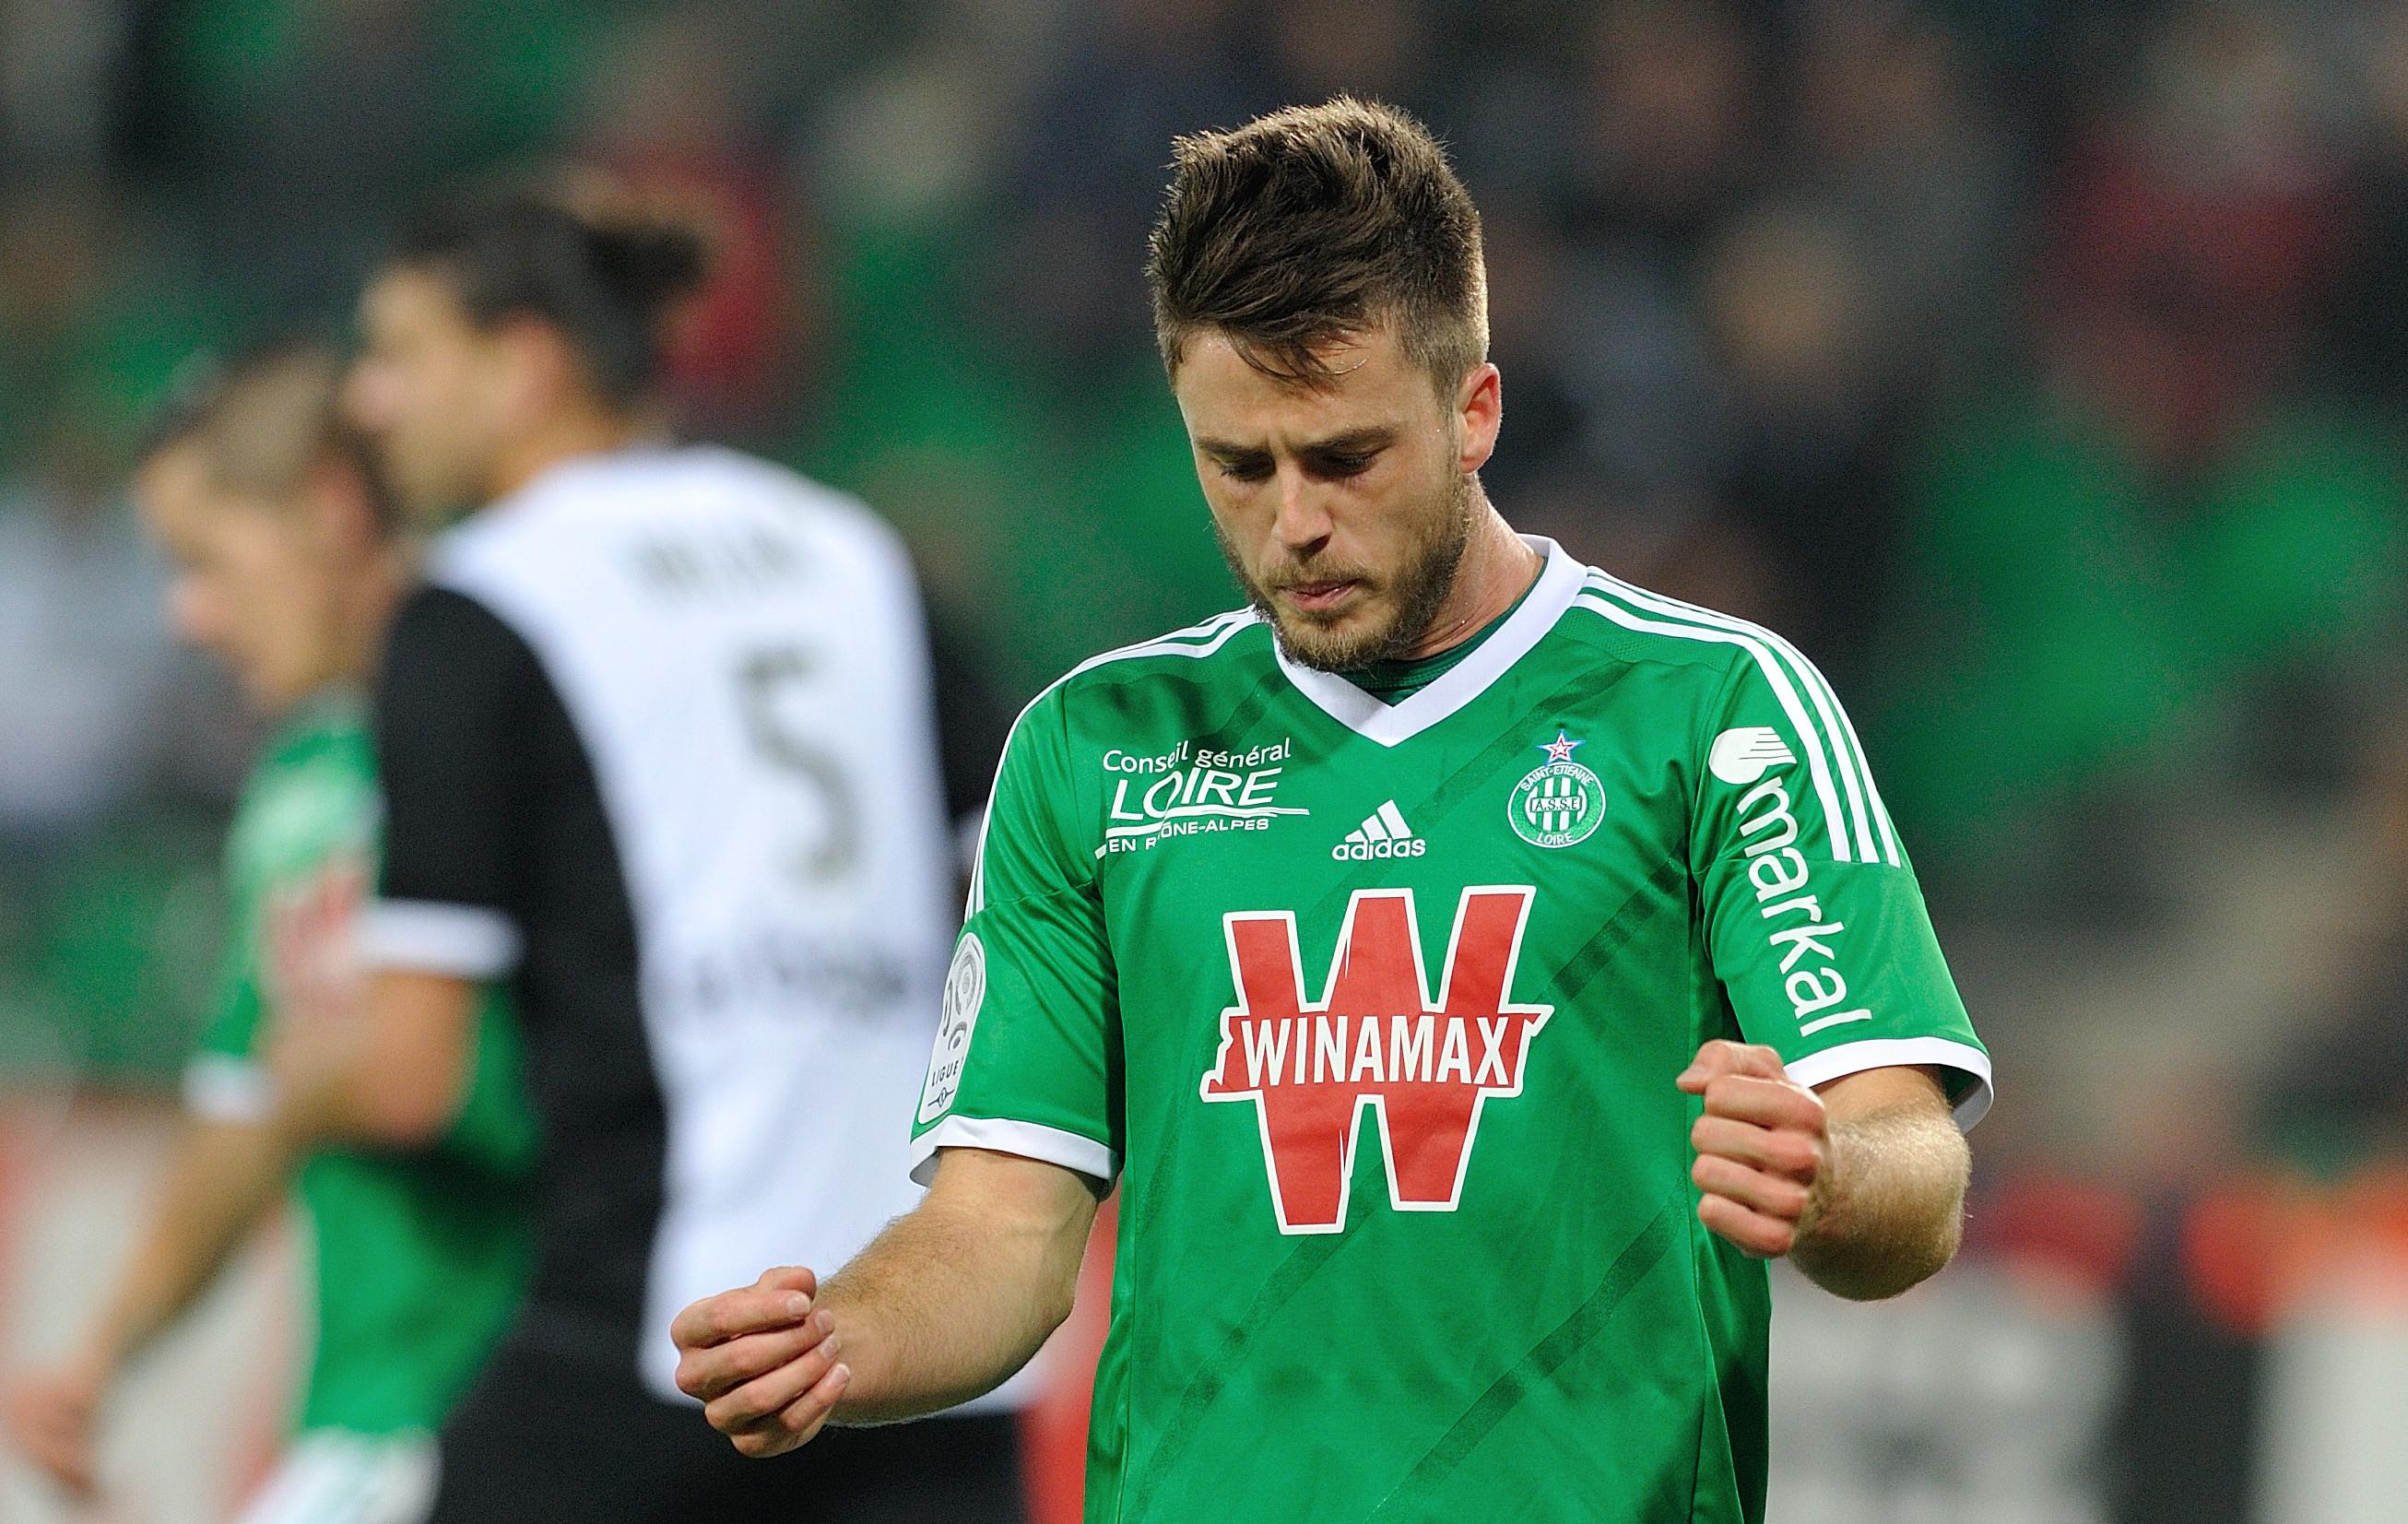 Officiel : Ricky rejoint le FC Bale